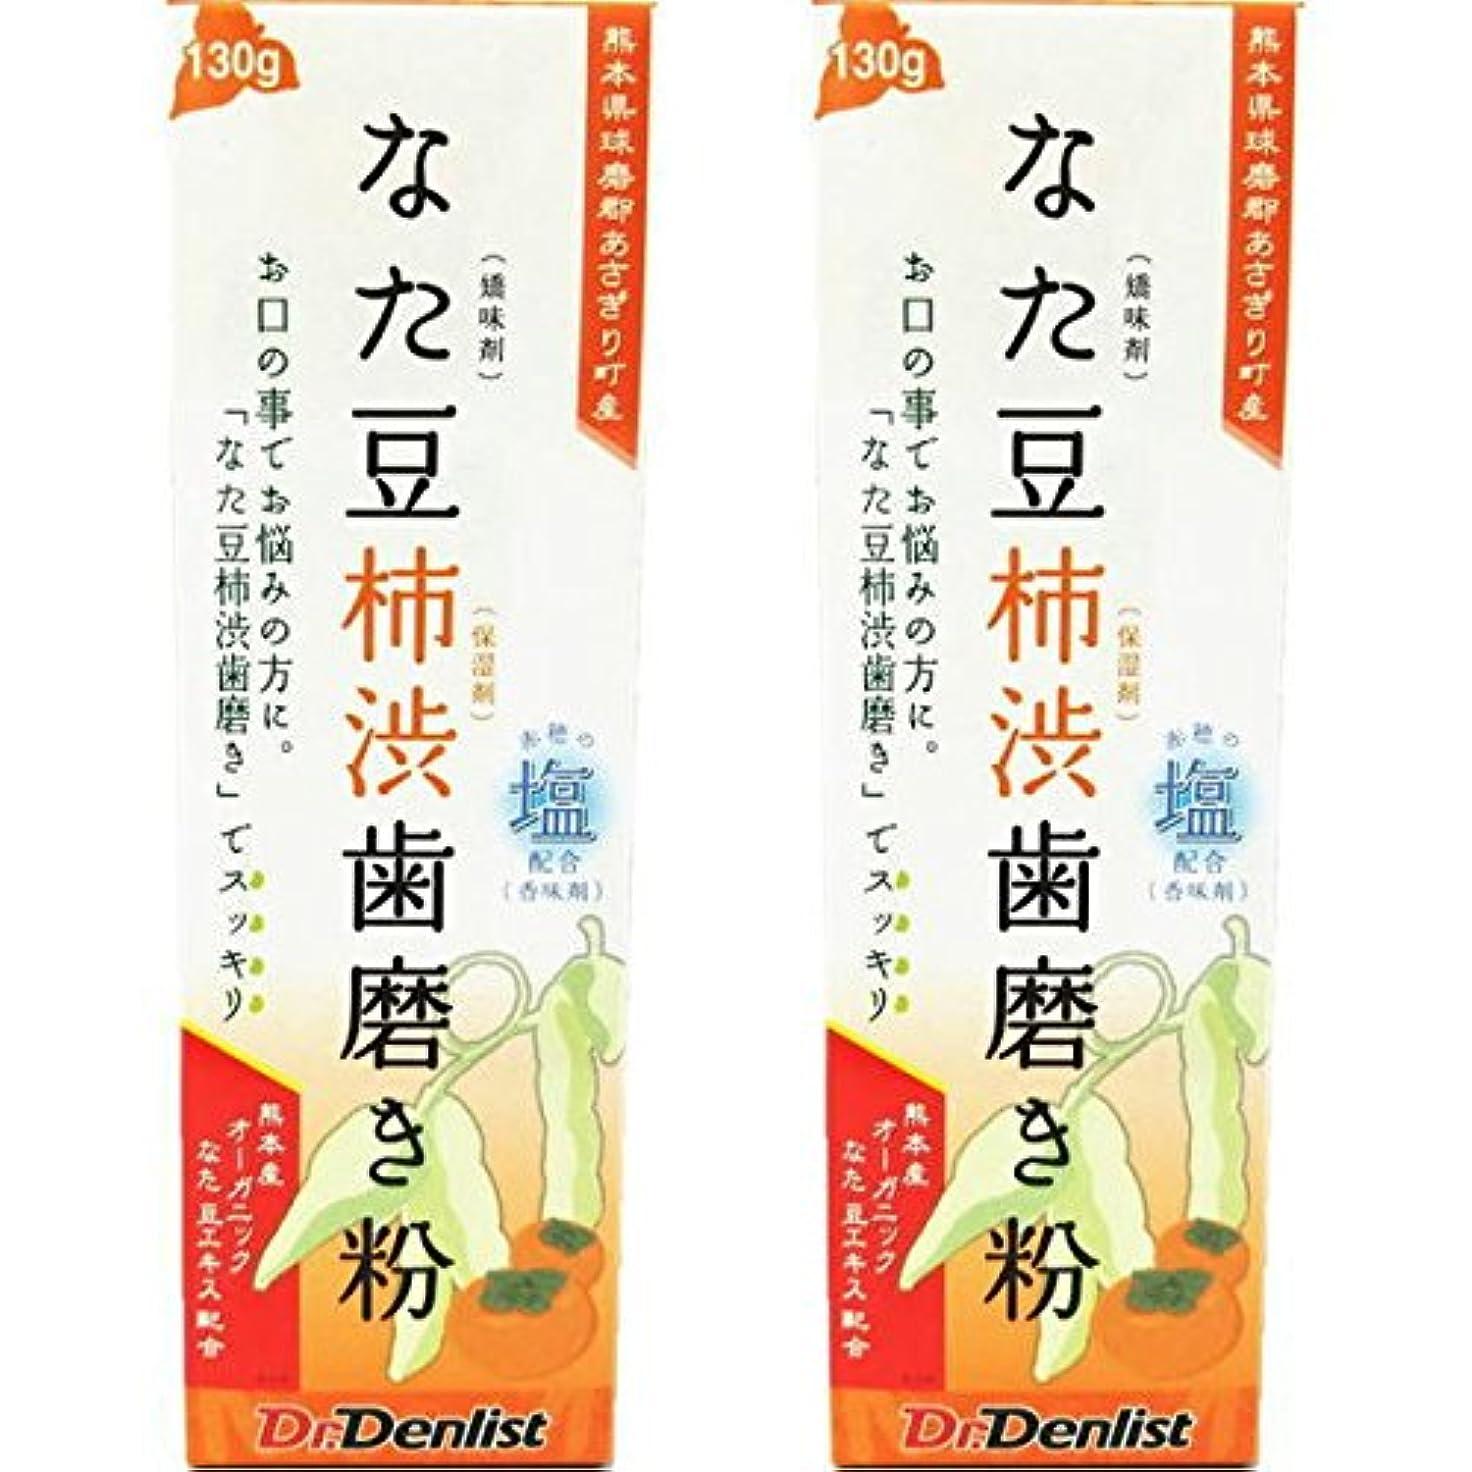 優れました寛大さどうやってなた豆柿渋歯磨き 130g 2個セット 国産 有機なた豆使用 赤穂の塩配合(香味剤)